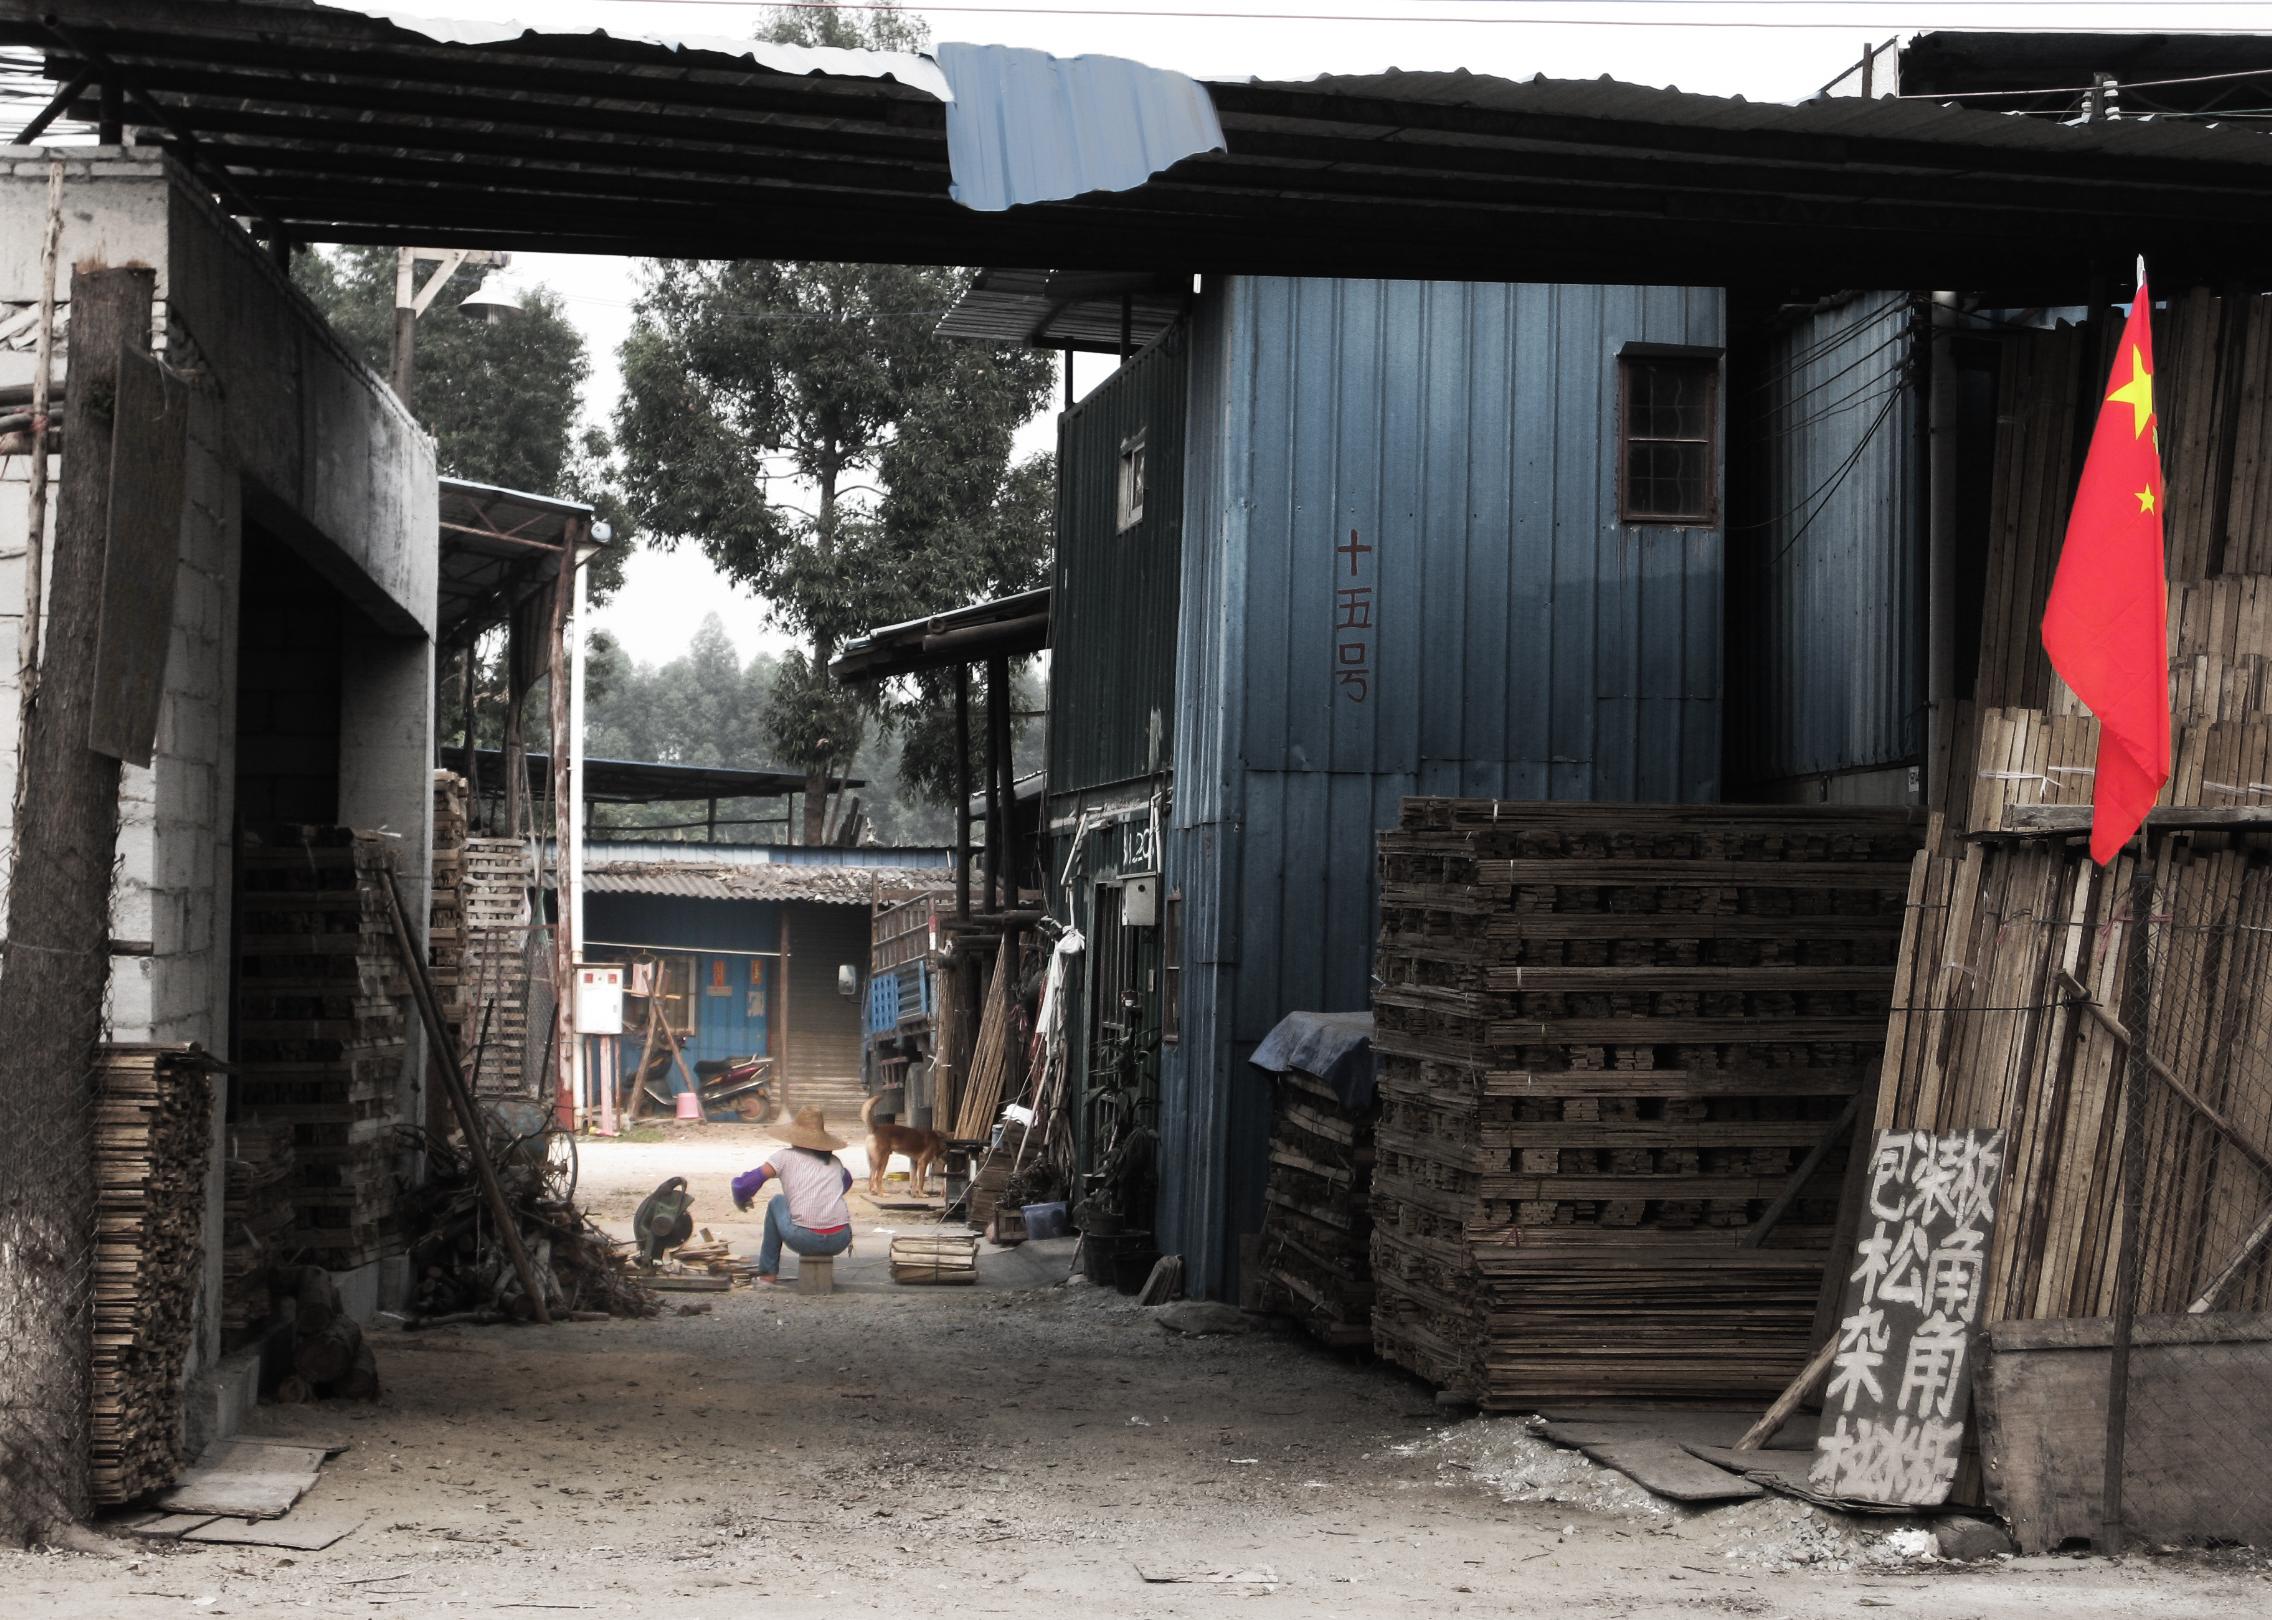 China (2012)